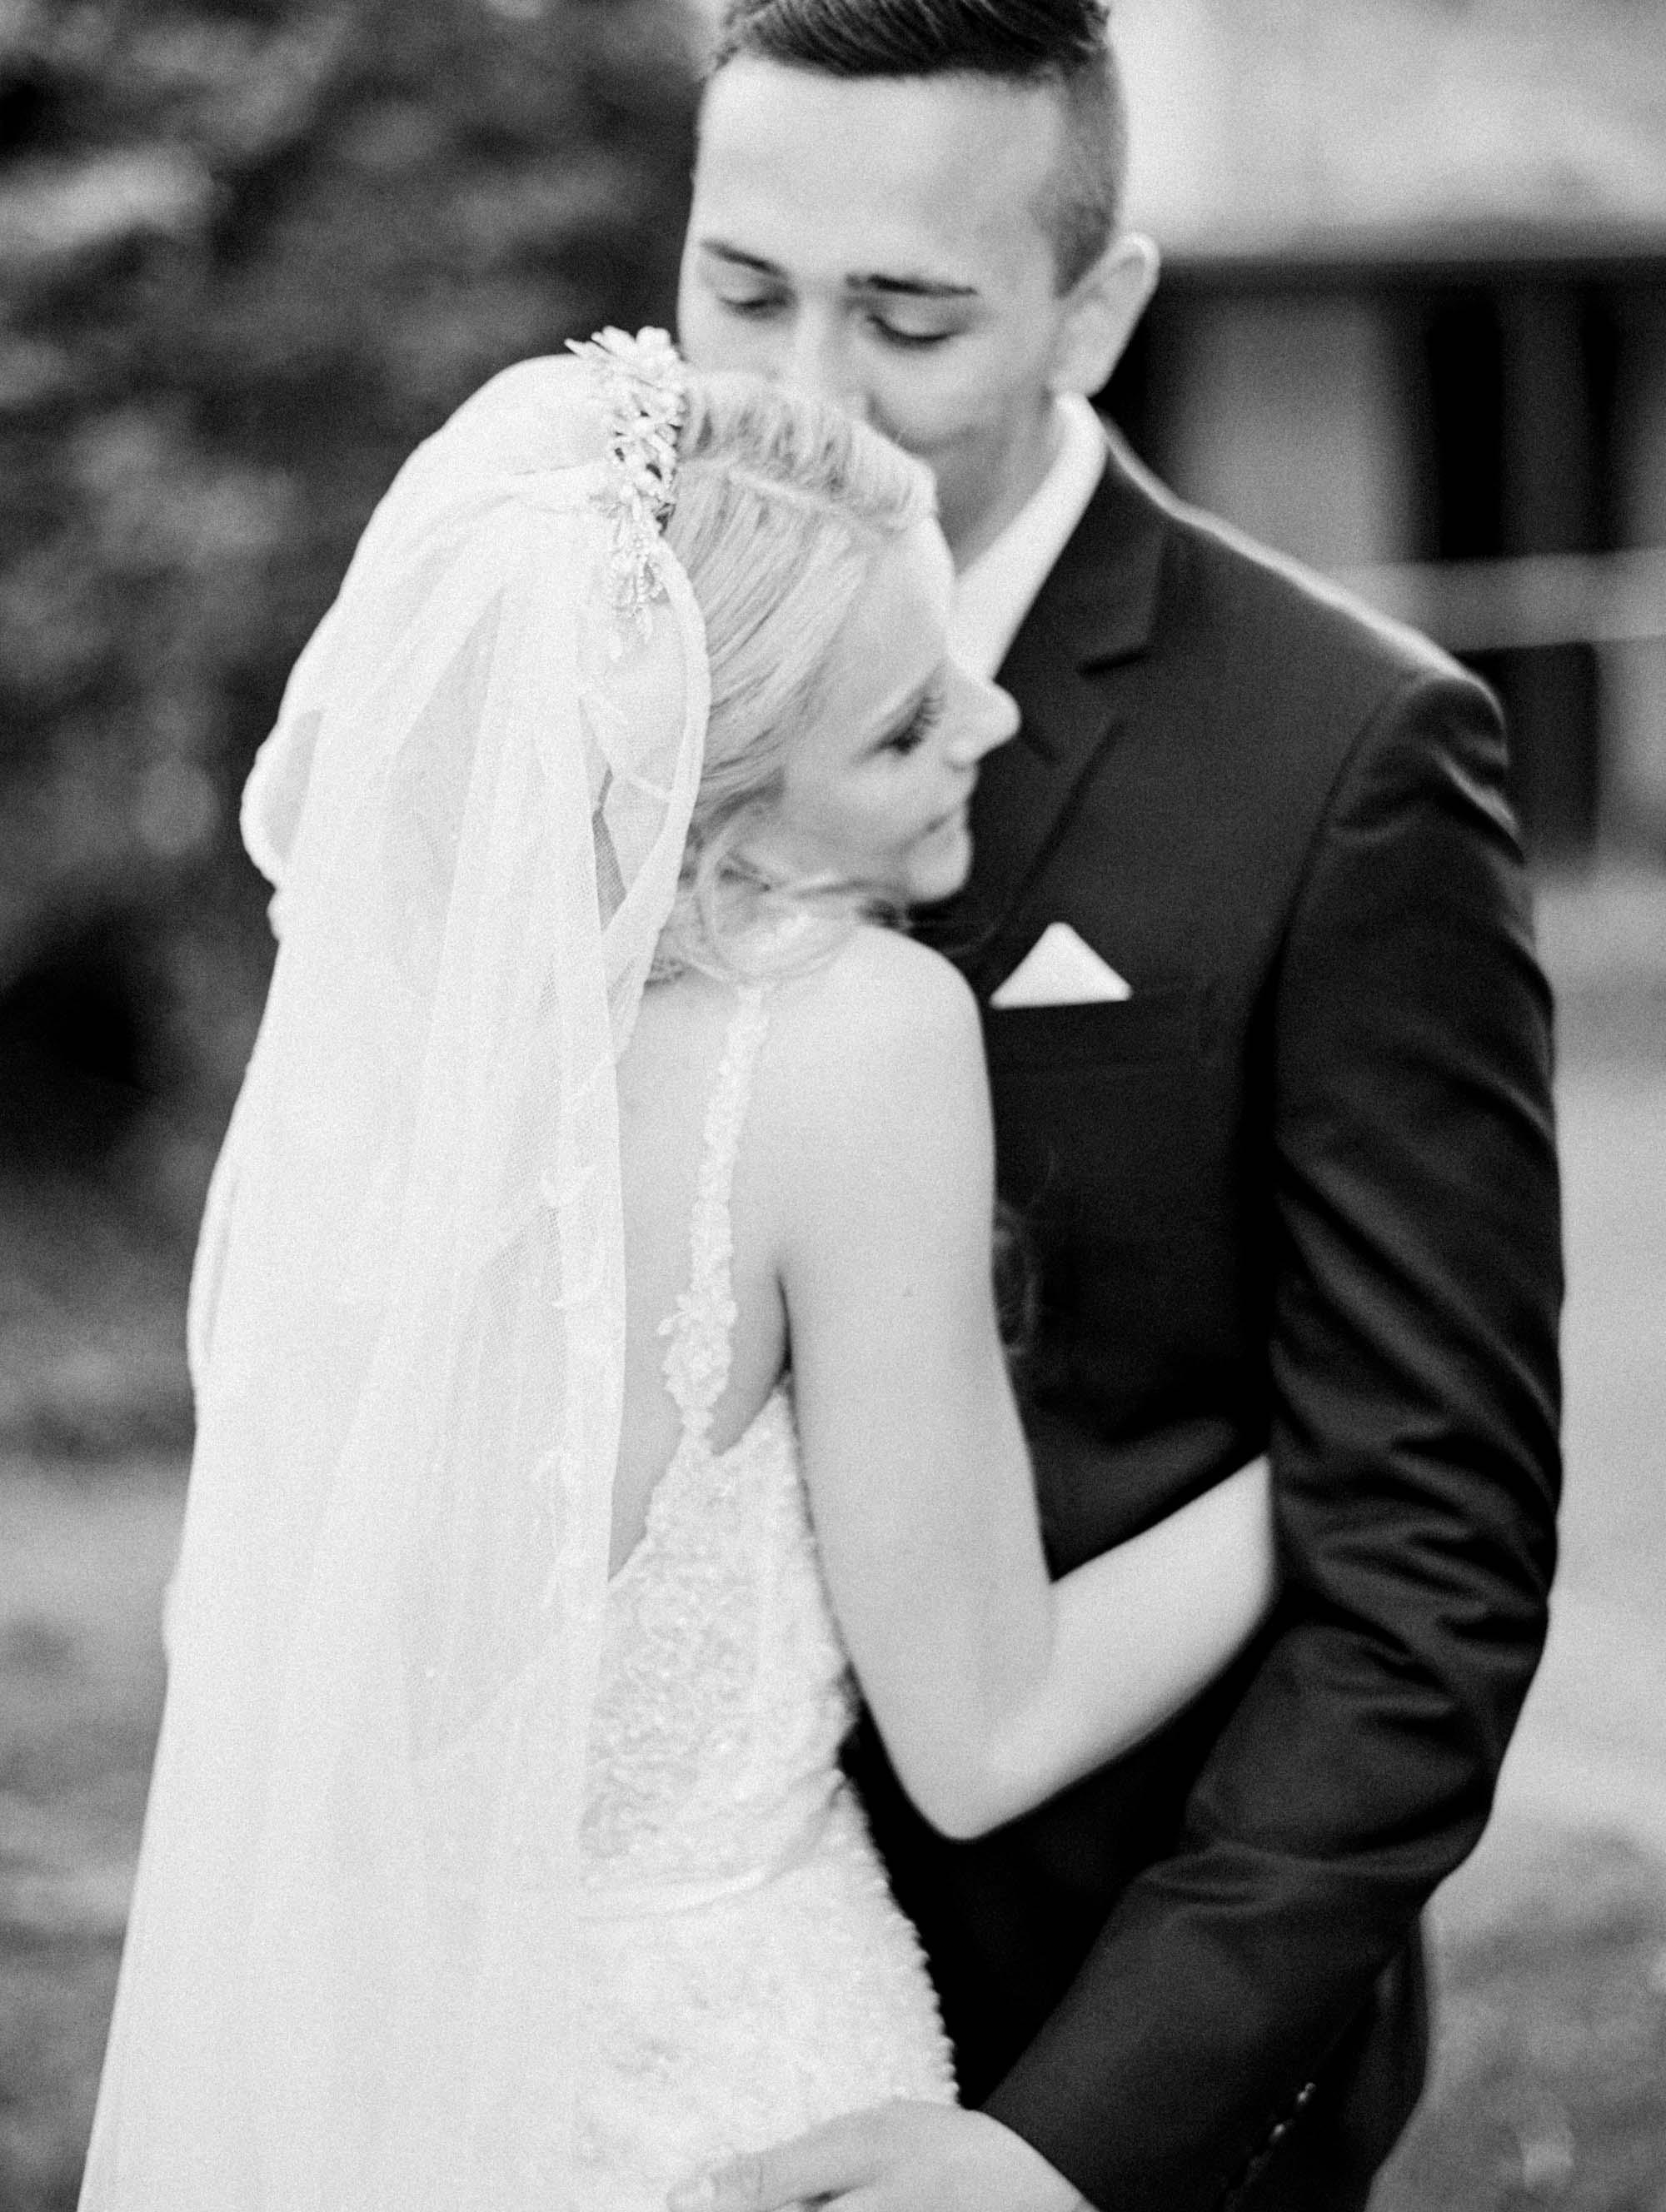 Whitehouse-hahndorf-wedding-photography-083.jpg